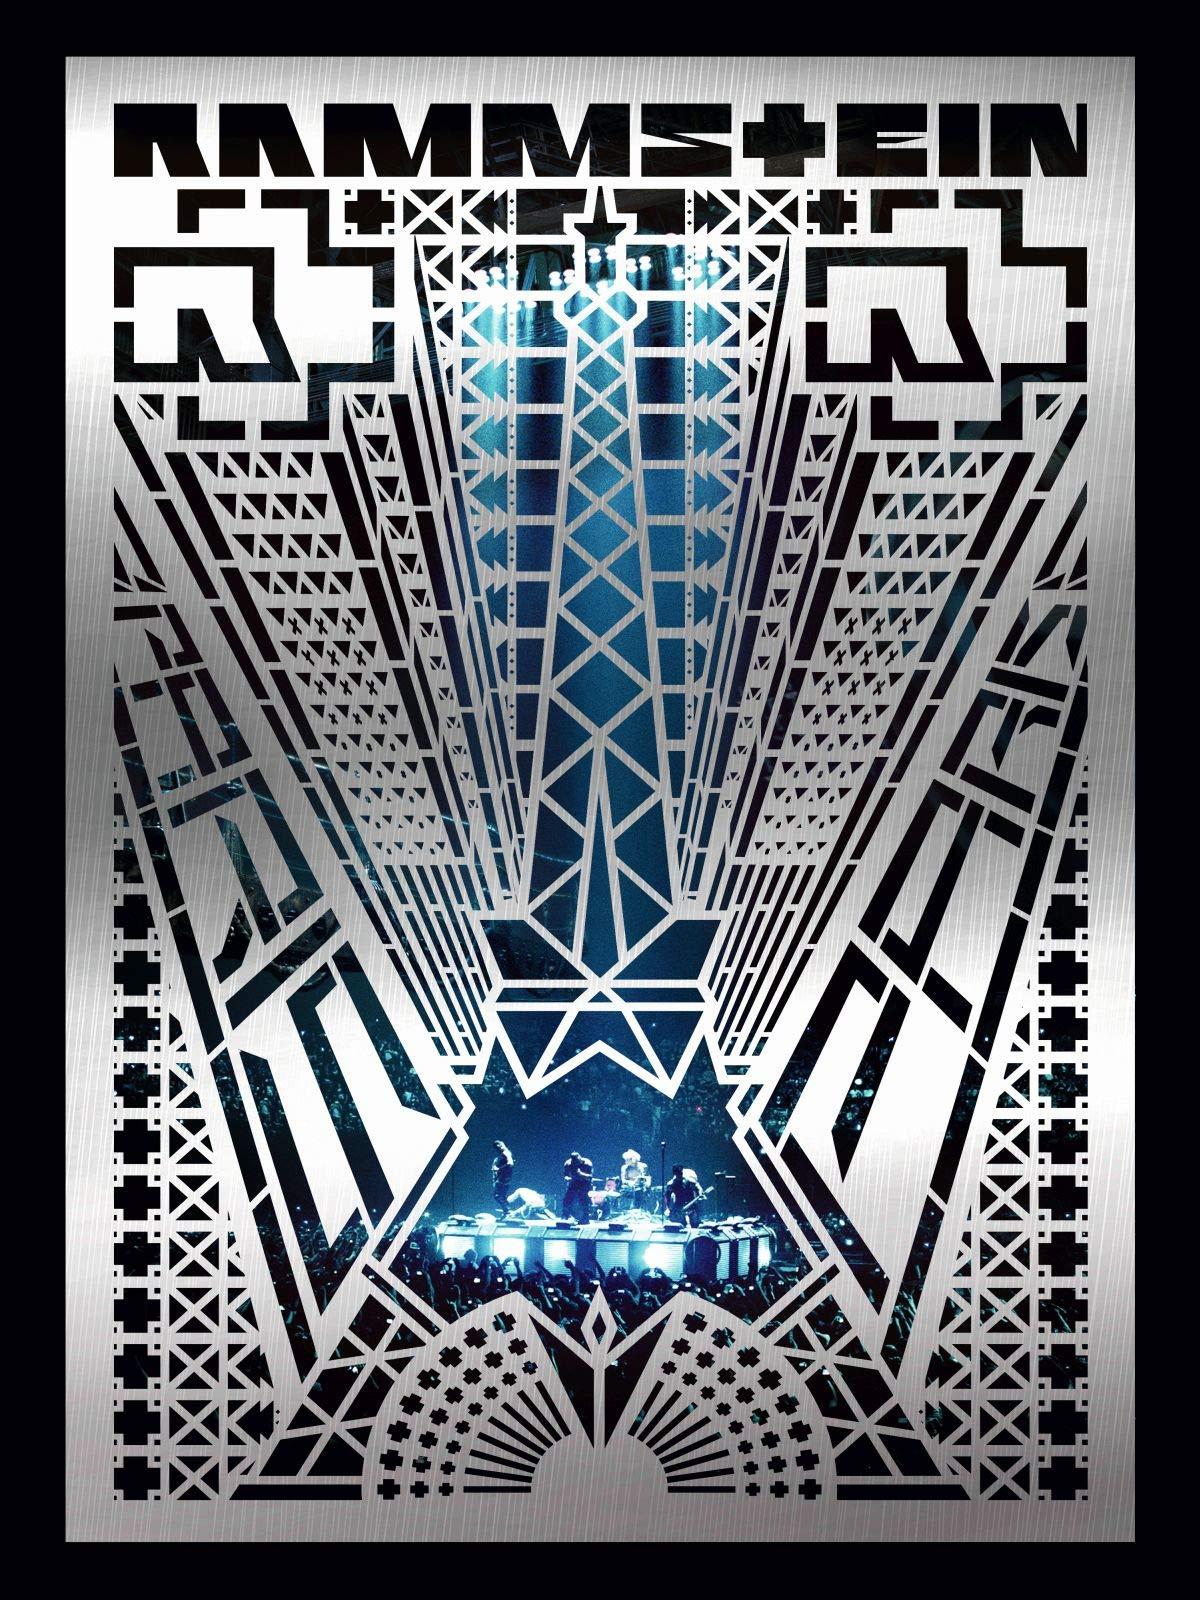 Rammstein: Paris on Amazon Prime Video UK